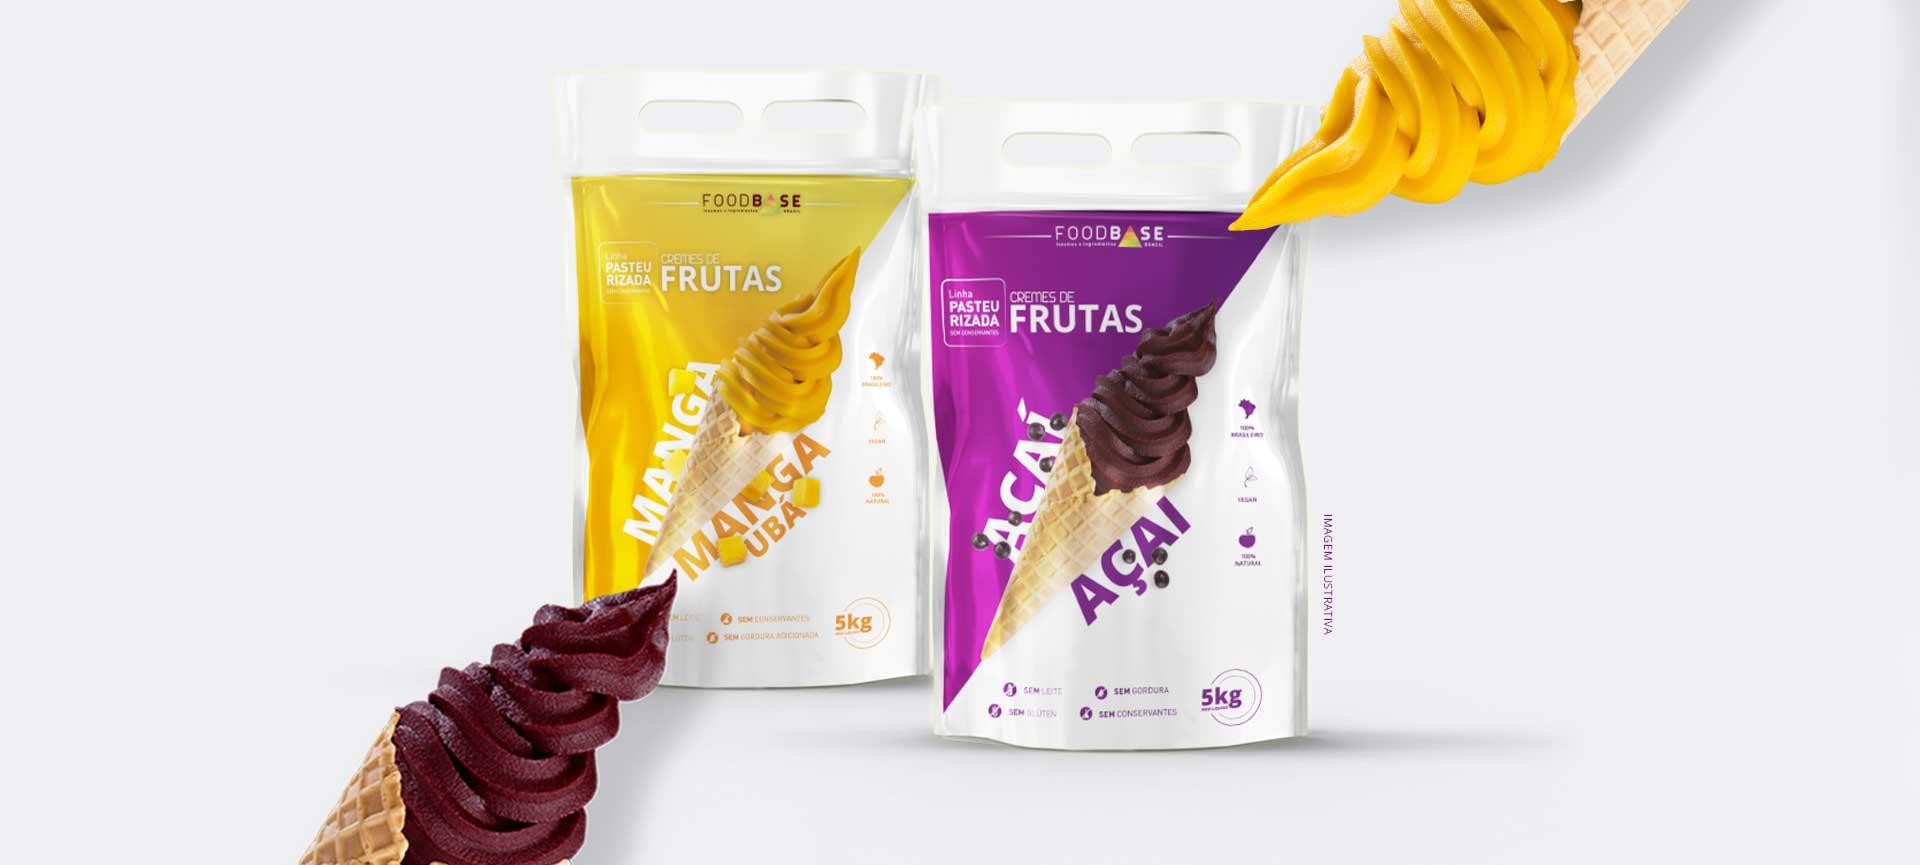 Foodbase - Cremes de Fruta Pasteurizados